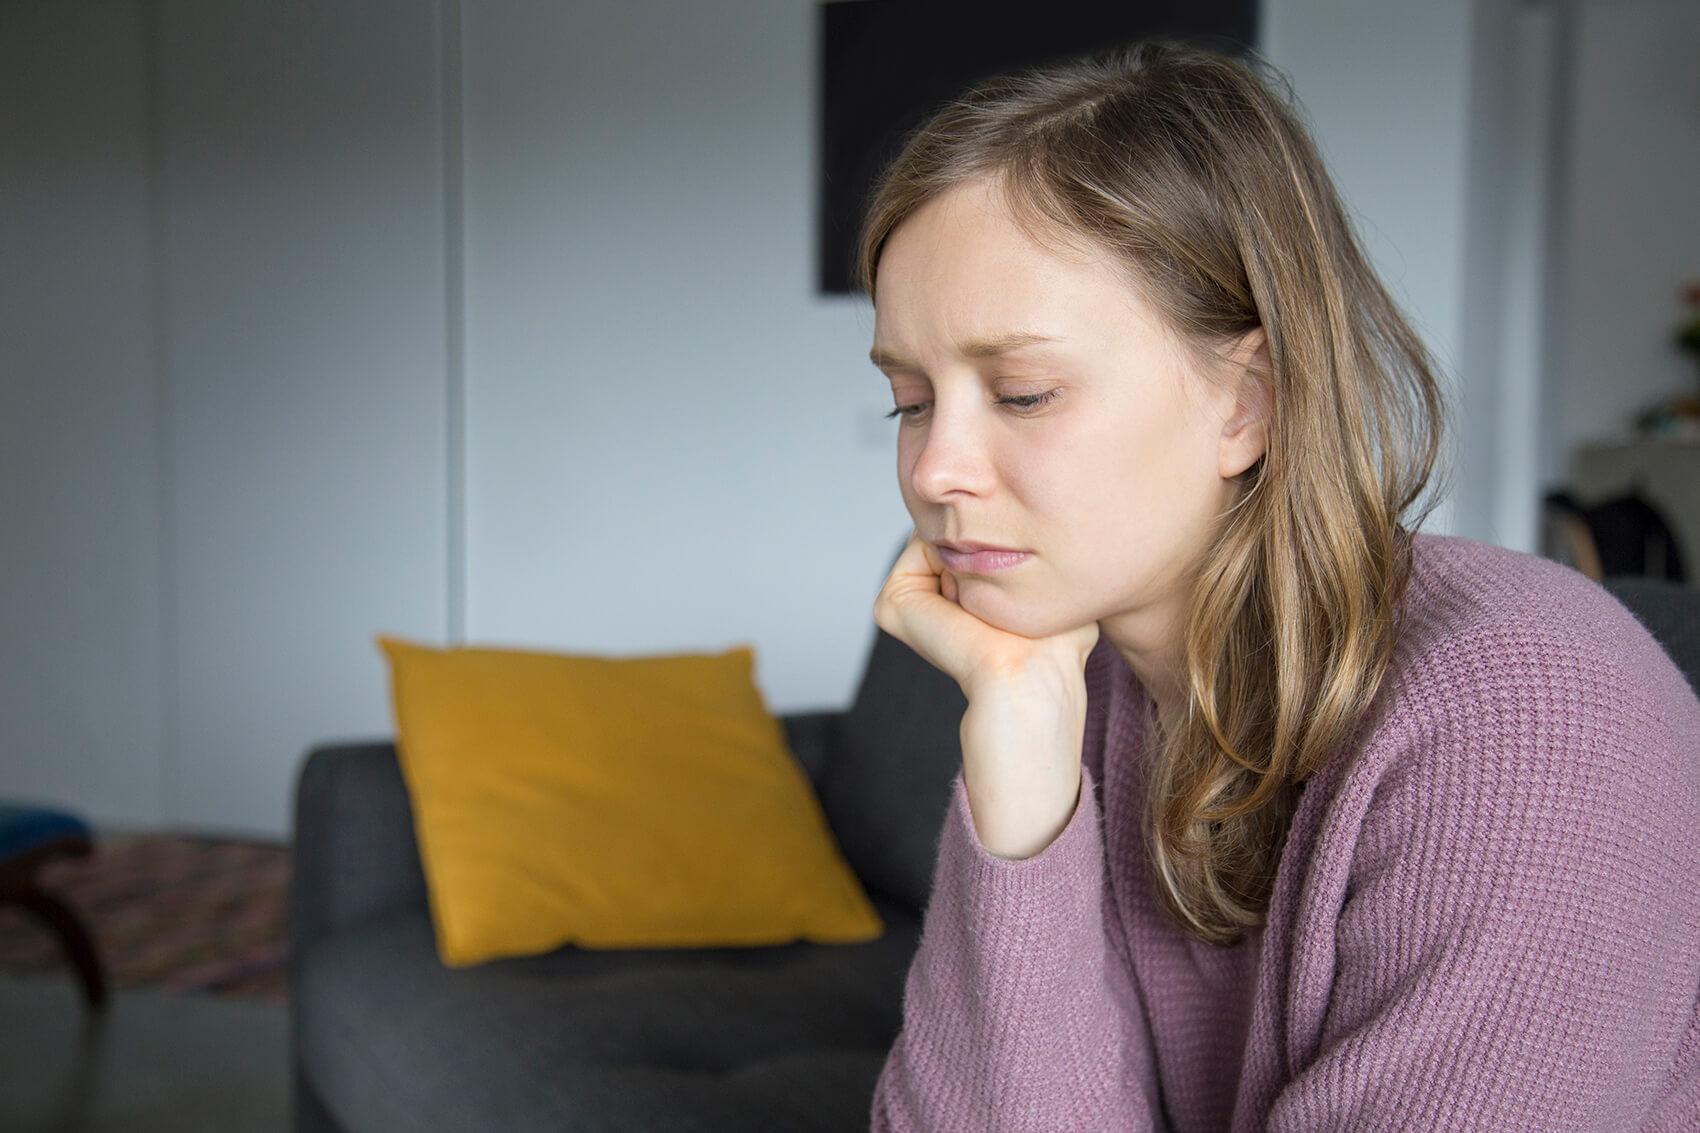 Ko gre v nosečnosti kaj narobe – izguba nosečnosti